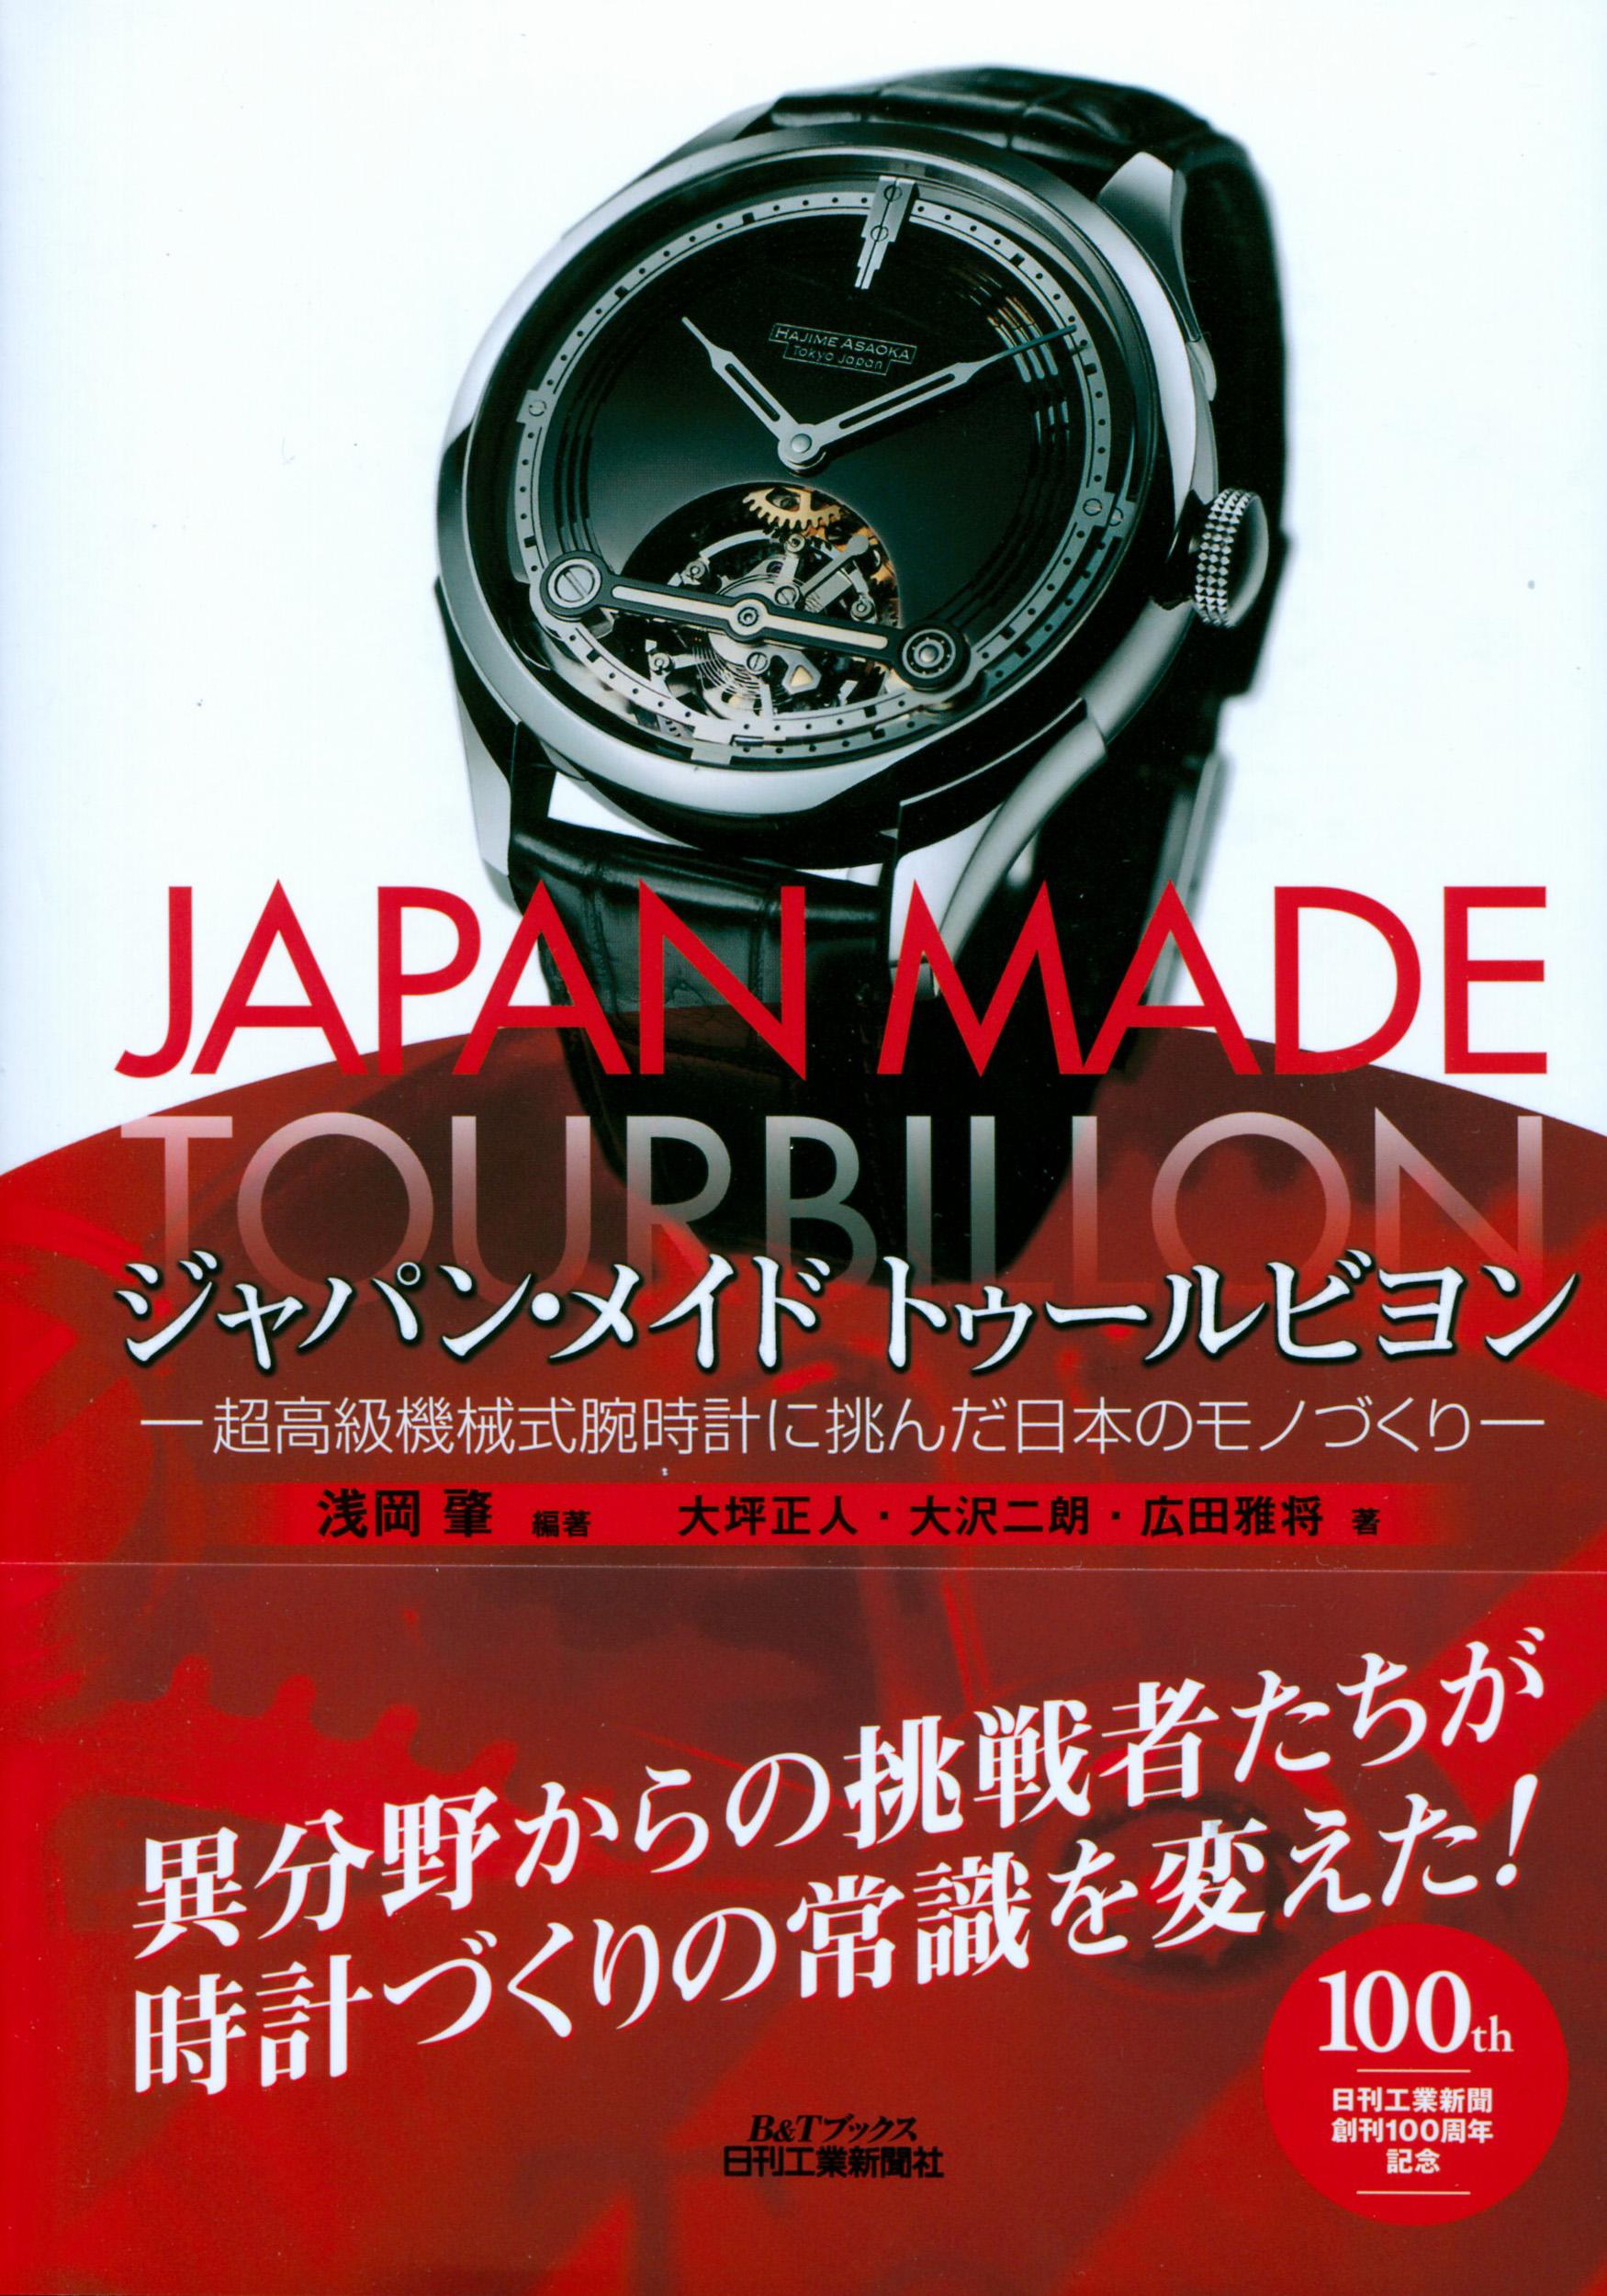 Japan Made Tourbillon - Cover.jpg